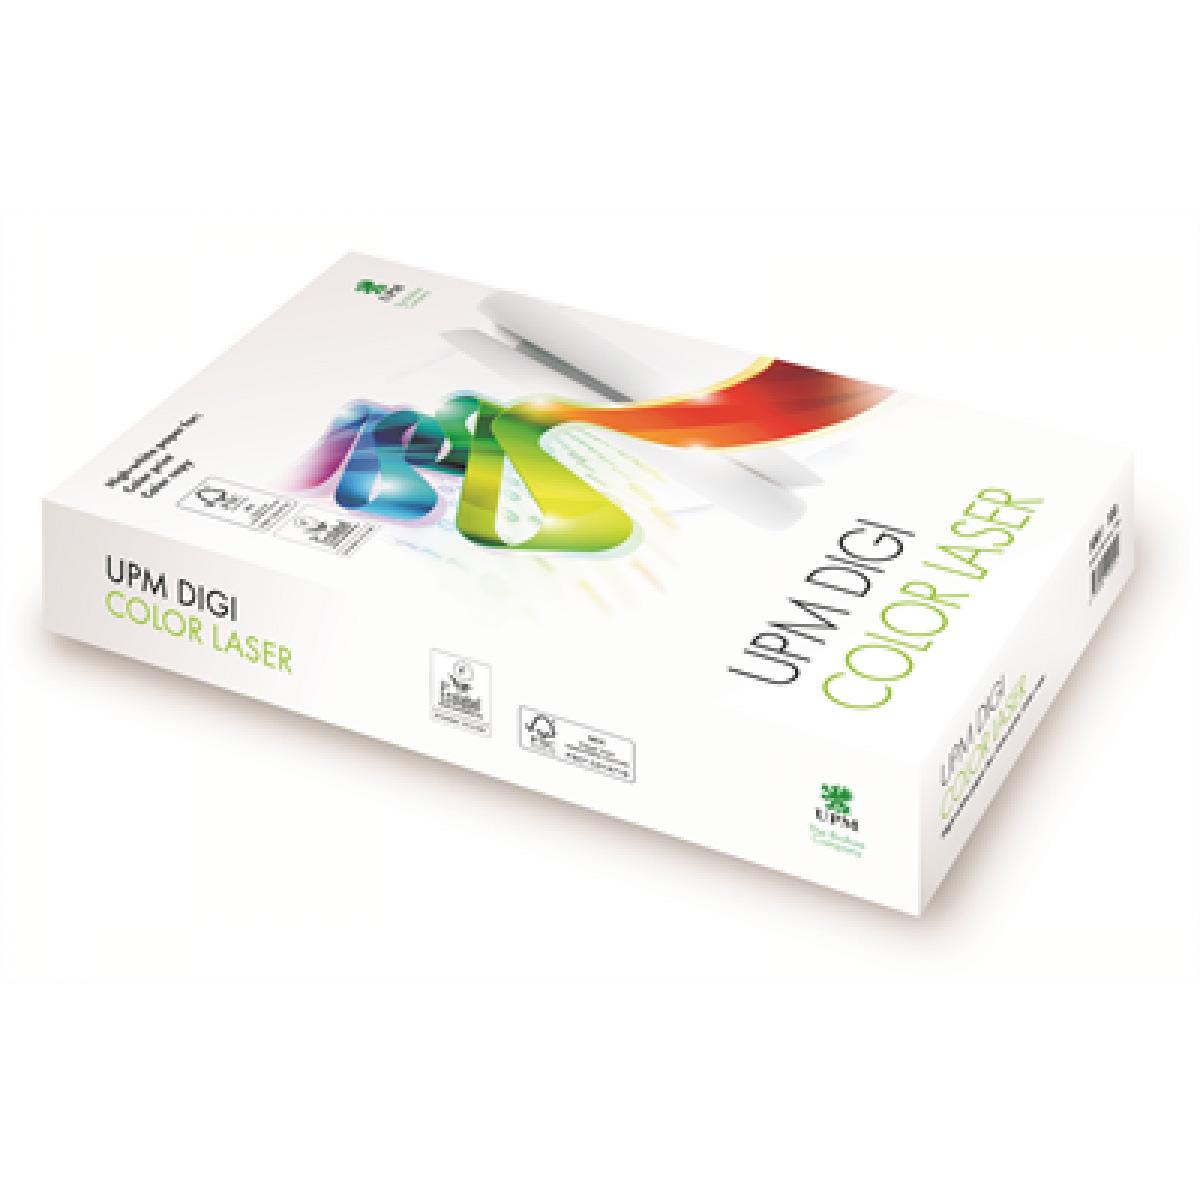 Бумага Digi Color Laser A4 120гр./м2., 250листов UPM - фото 2